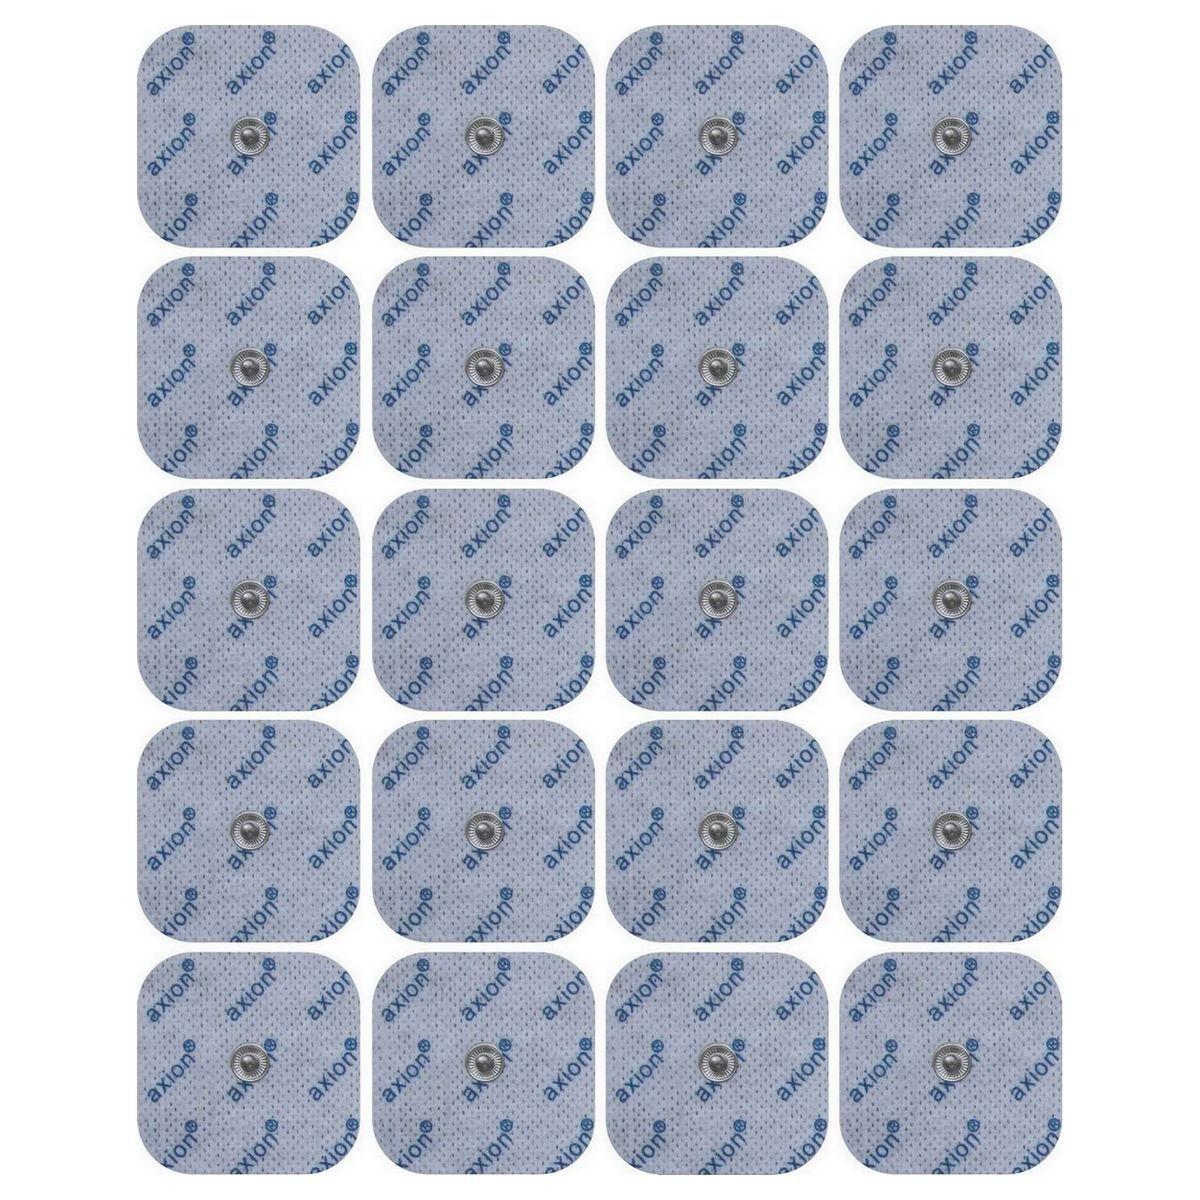 Electrodos TENS Beurer compatibles, 5x5 cm, 20 unidades Parches/Electrodos autoadhesivos Compatibles con los siguienteselectroestimuladoresTENS-EMS: Sanitas SEM 40,41,42,43,44, así como Beurer EM 40 / EM 41 /...